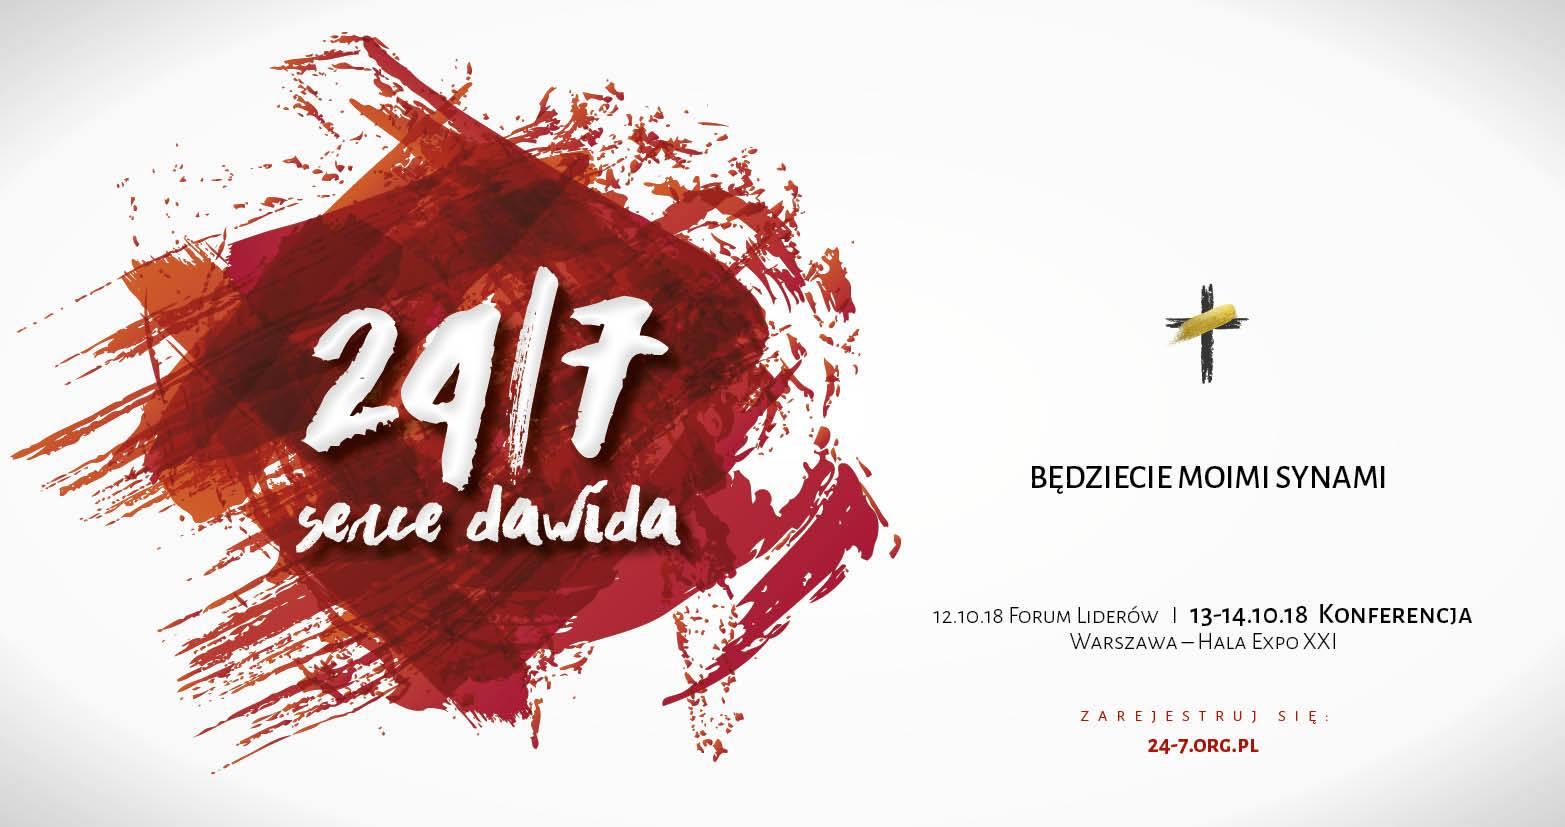 Serce Dawida 2018 konferencja